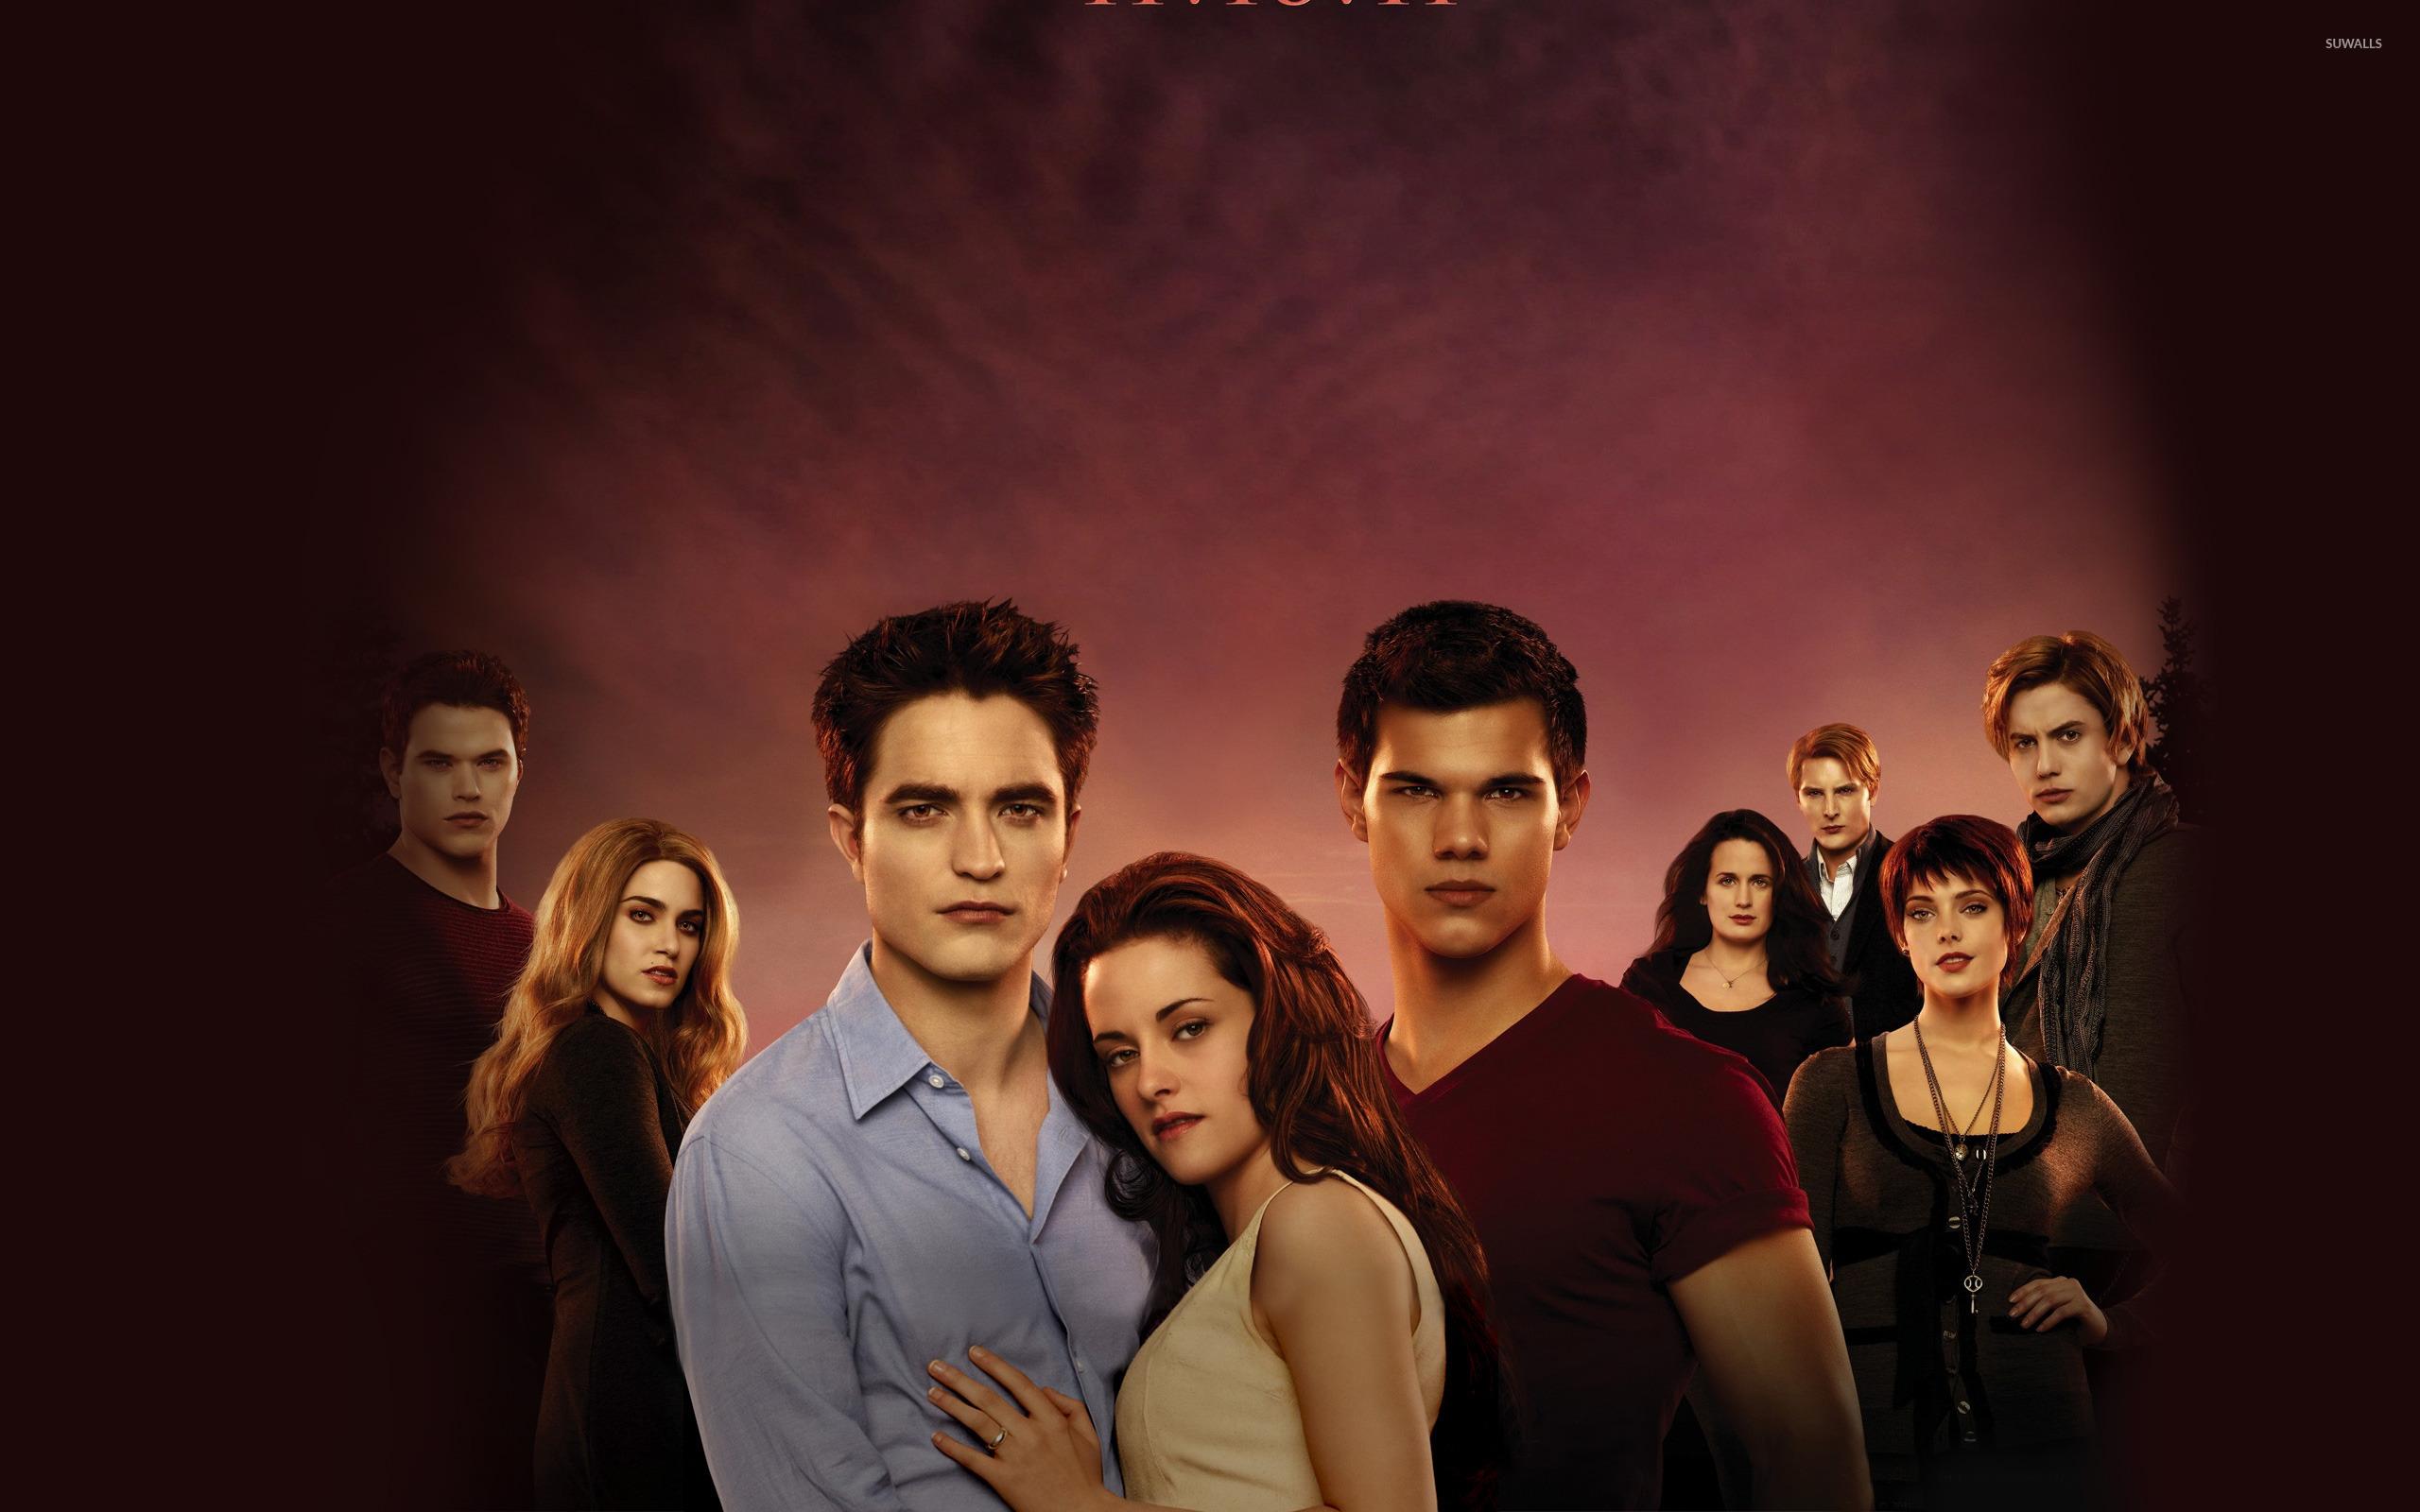 Image cullen family breaking dawn wallpaper twilight series - The Twilight Saga Breaking Dawn Part 1 2 Wallpaper